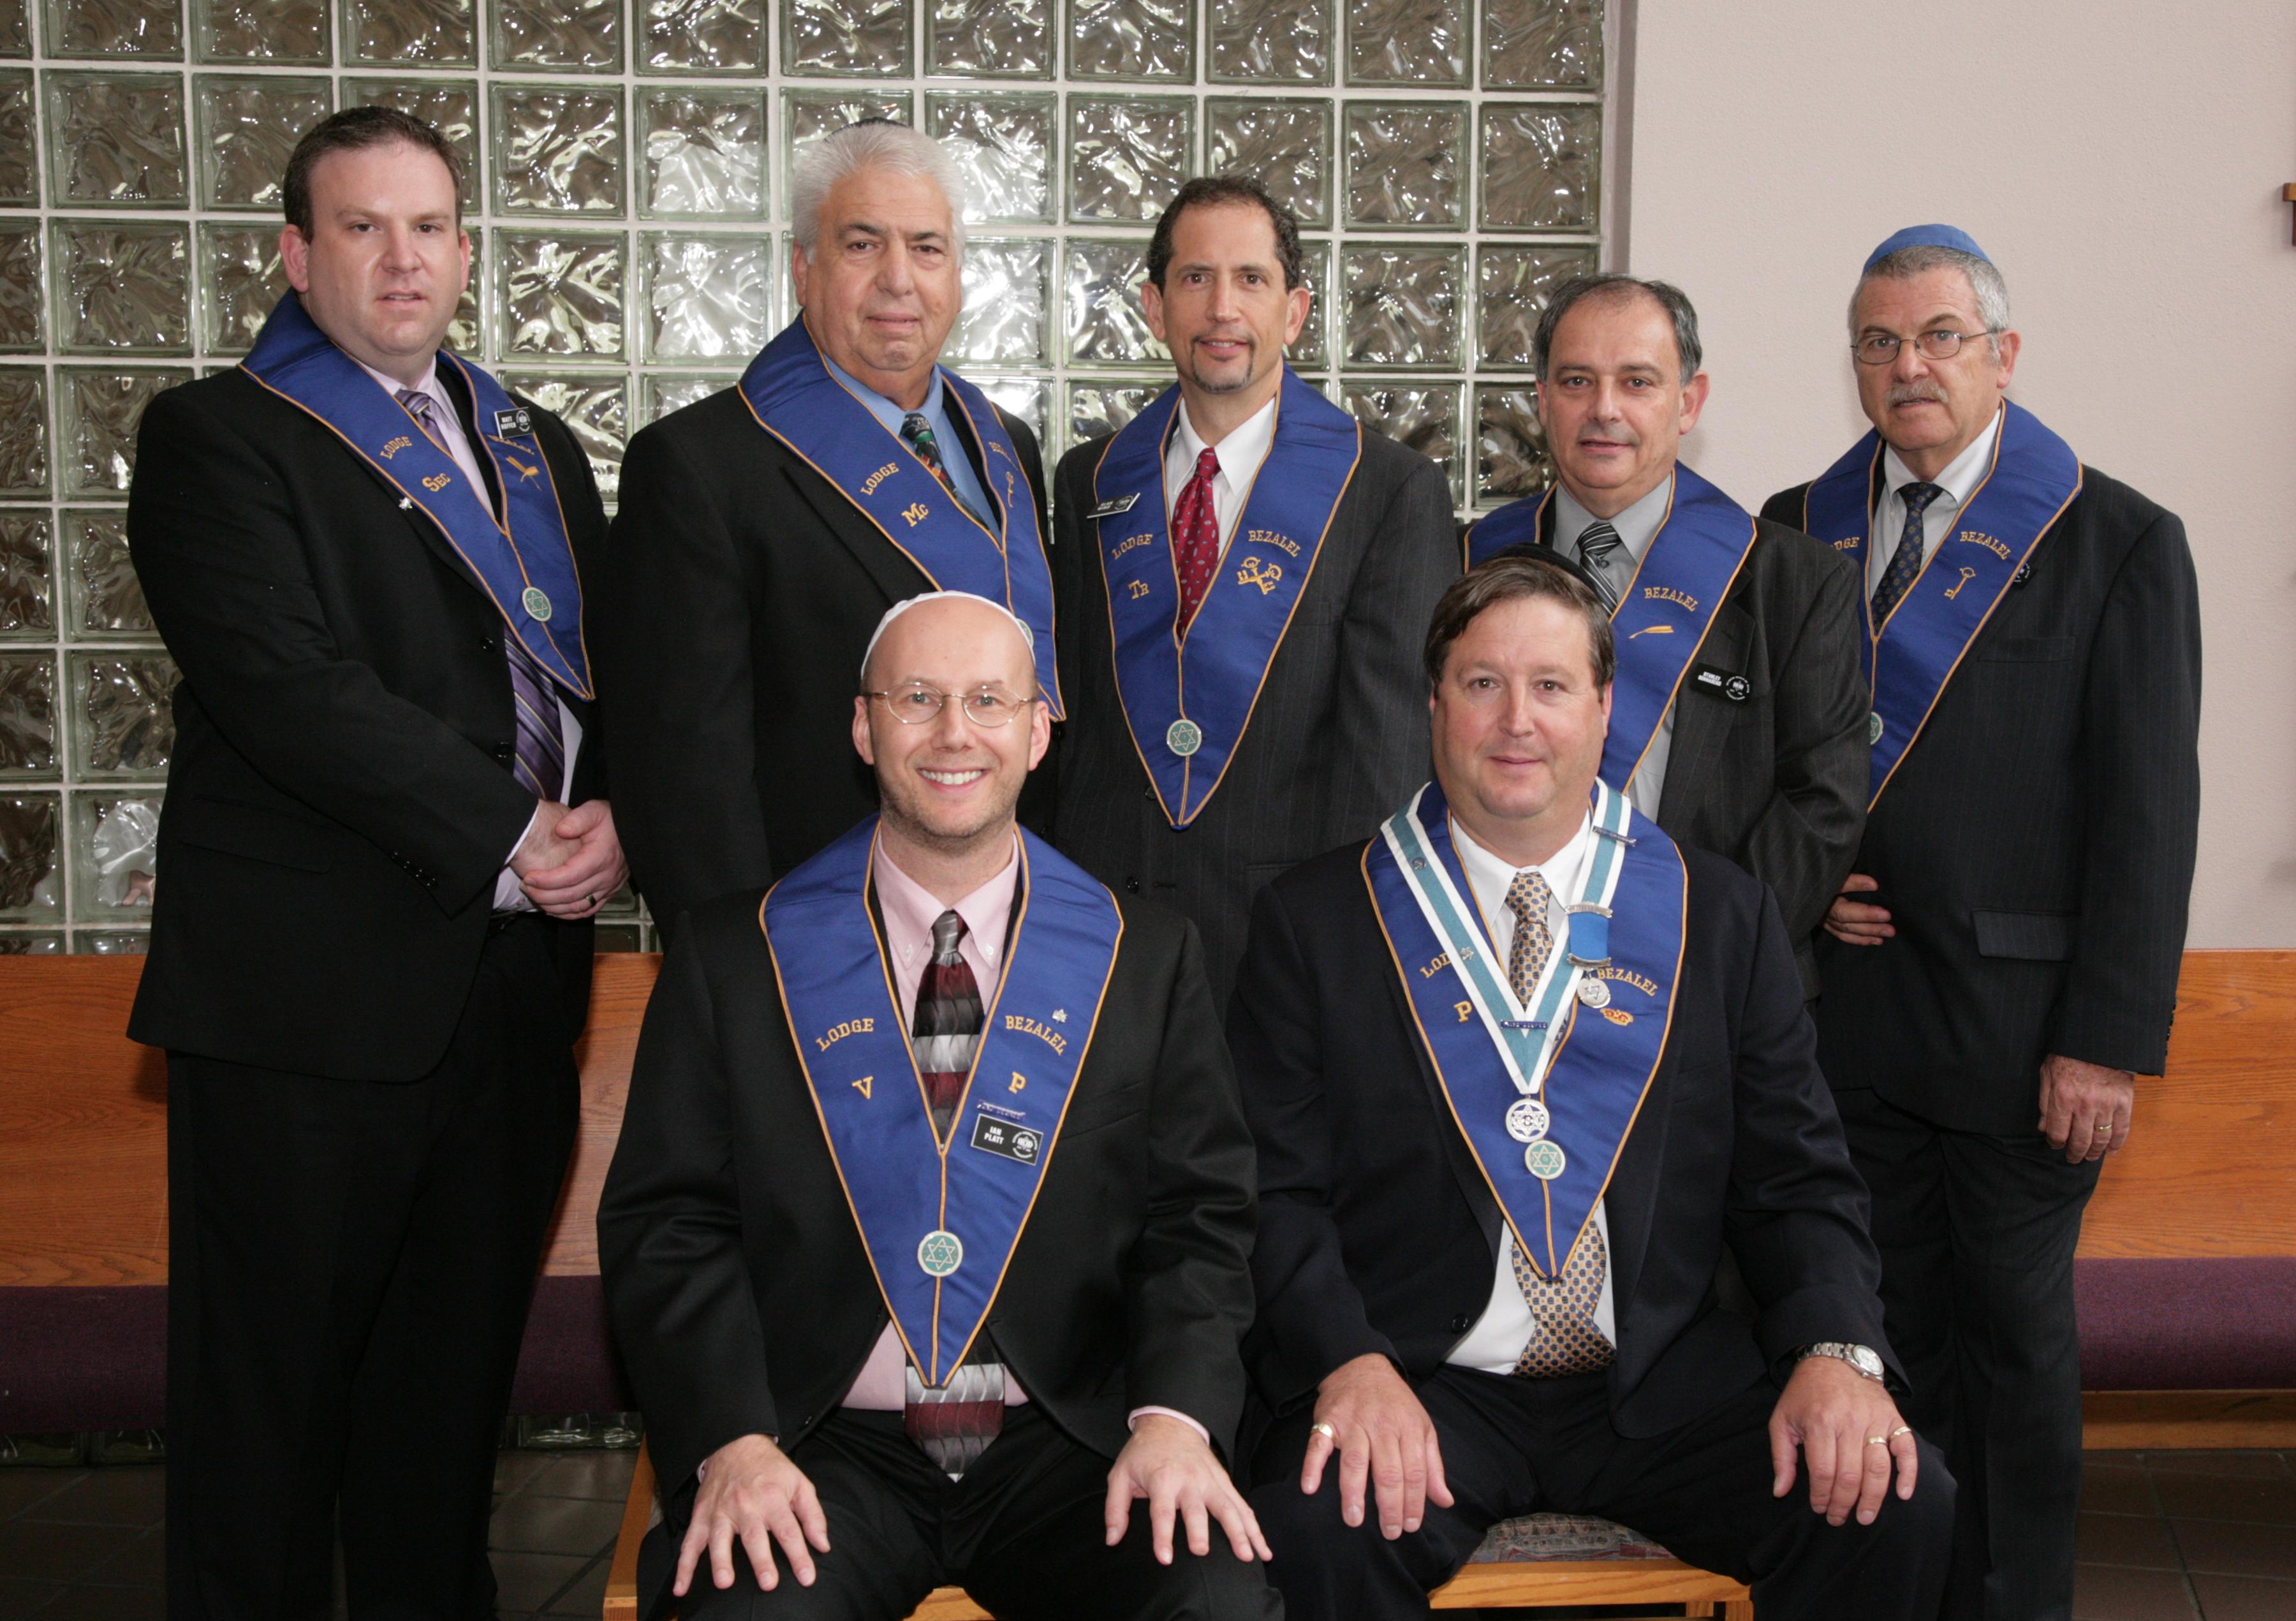 Lodge Bezalel Officers 2009